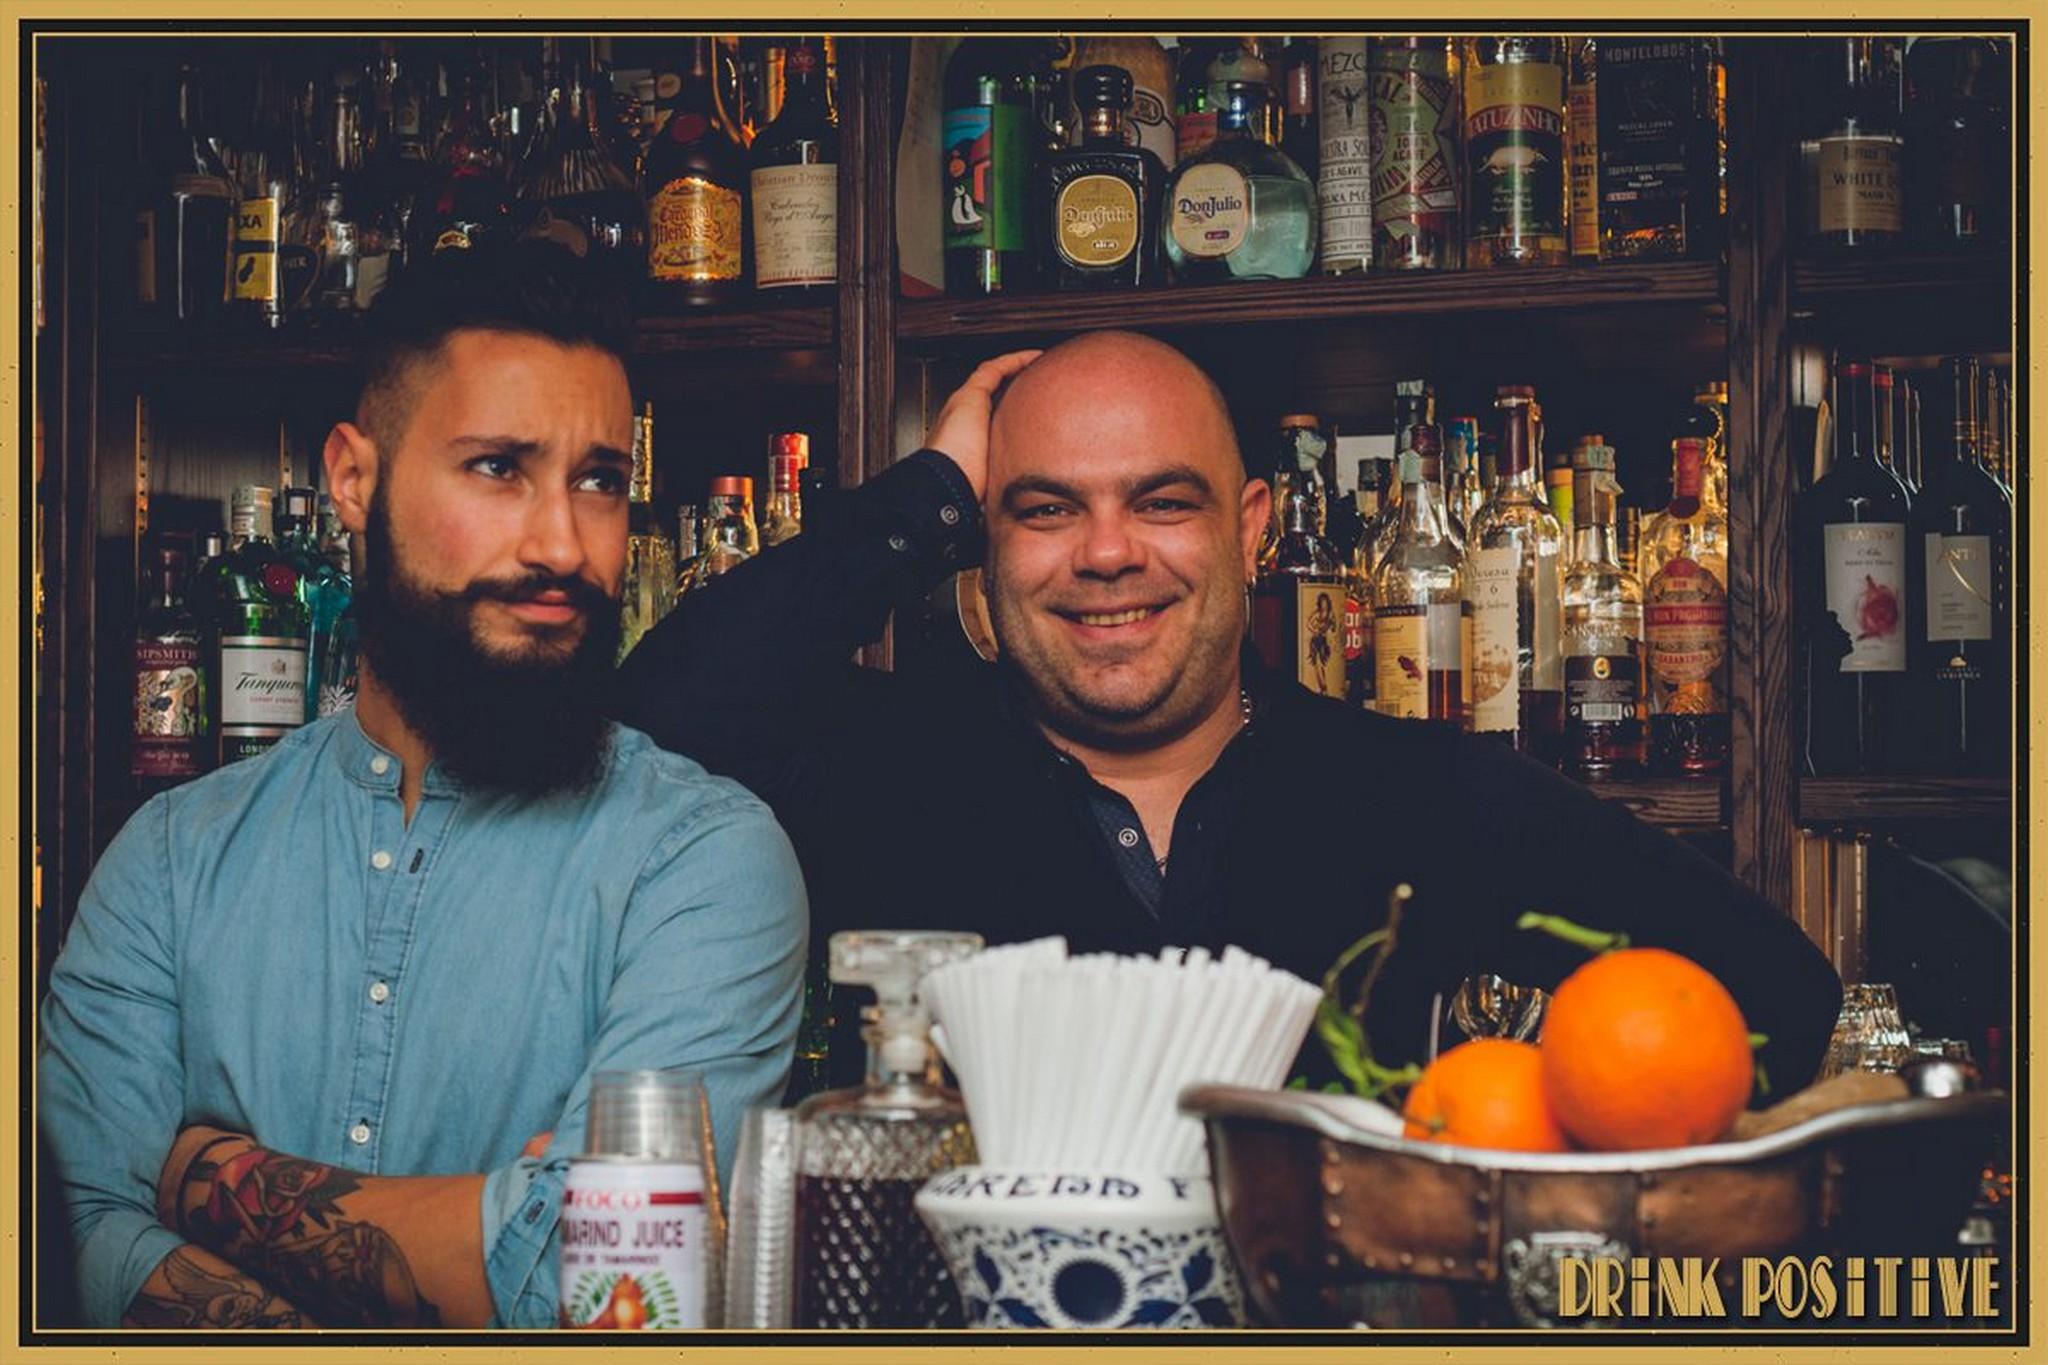 fabio_camboni_Gaeta_Drink_Positive_consulenze__apertura_locali_corsi_barman_051